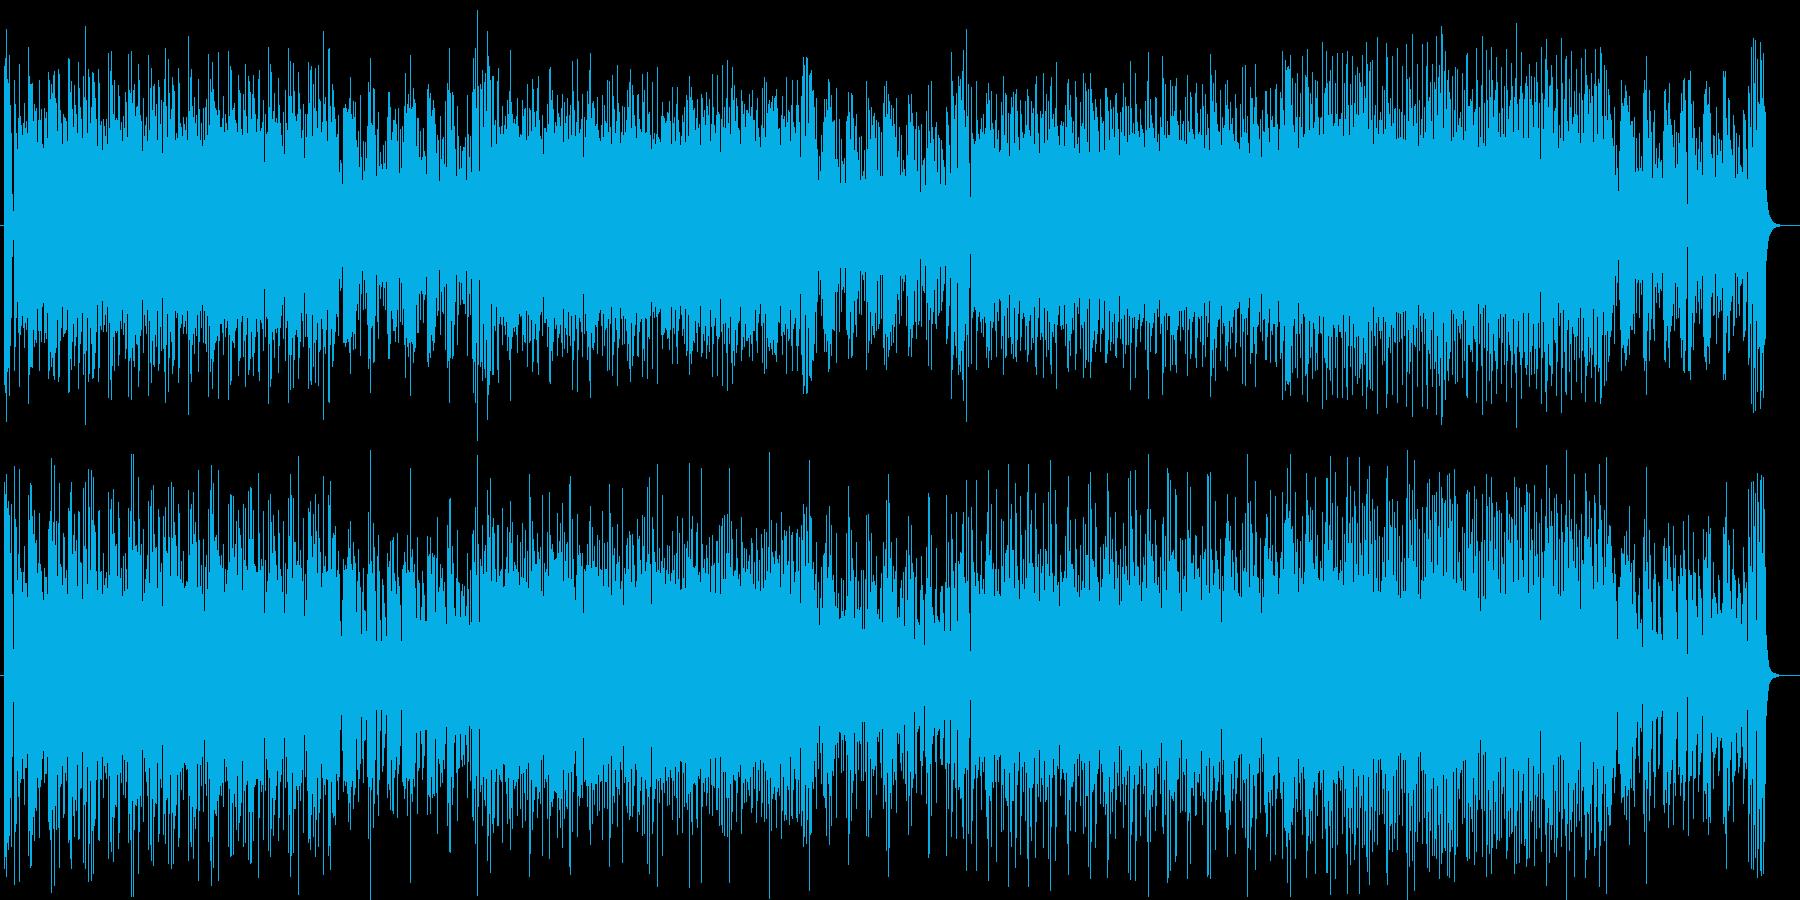 活気ある軽快なミュージックの再生済みの波形